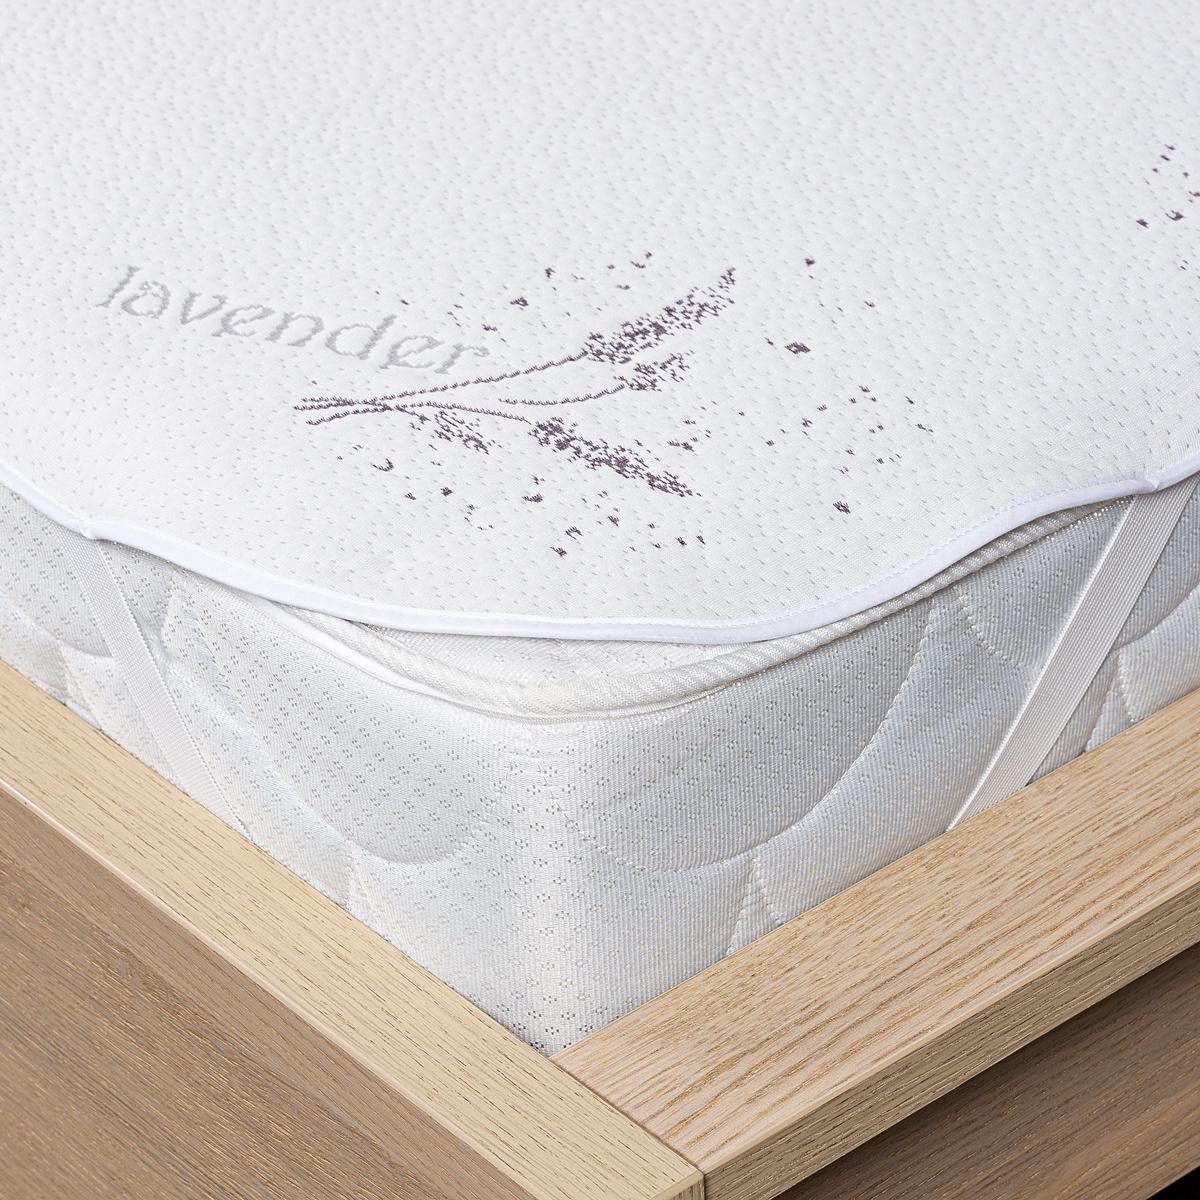 4Home Lavender Chránič matrace s gumou, 200 x 200 cm